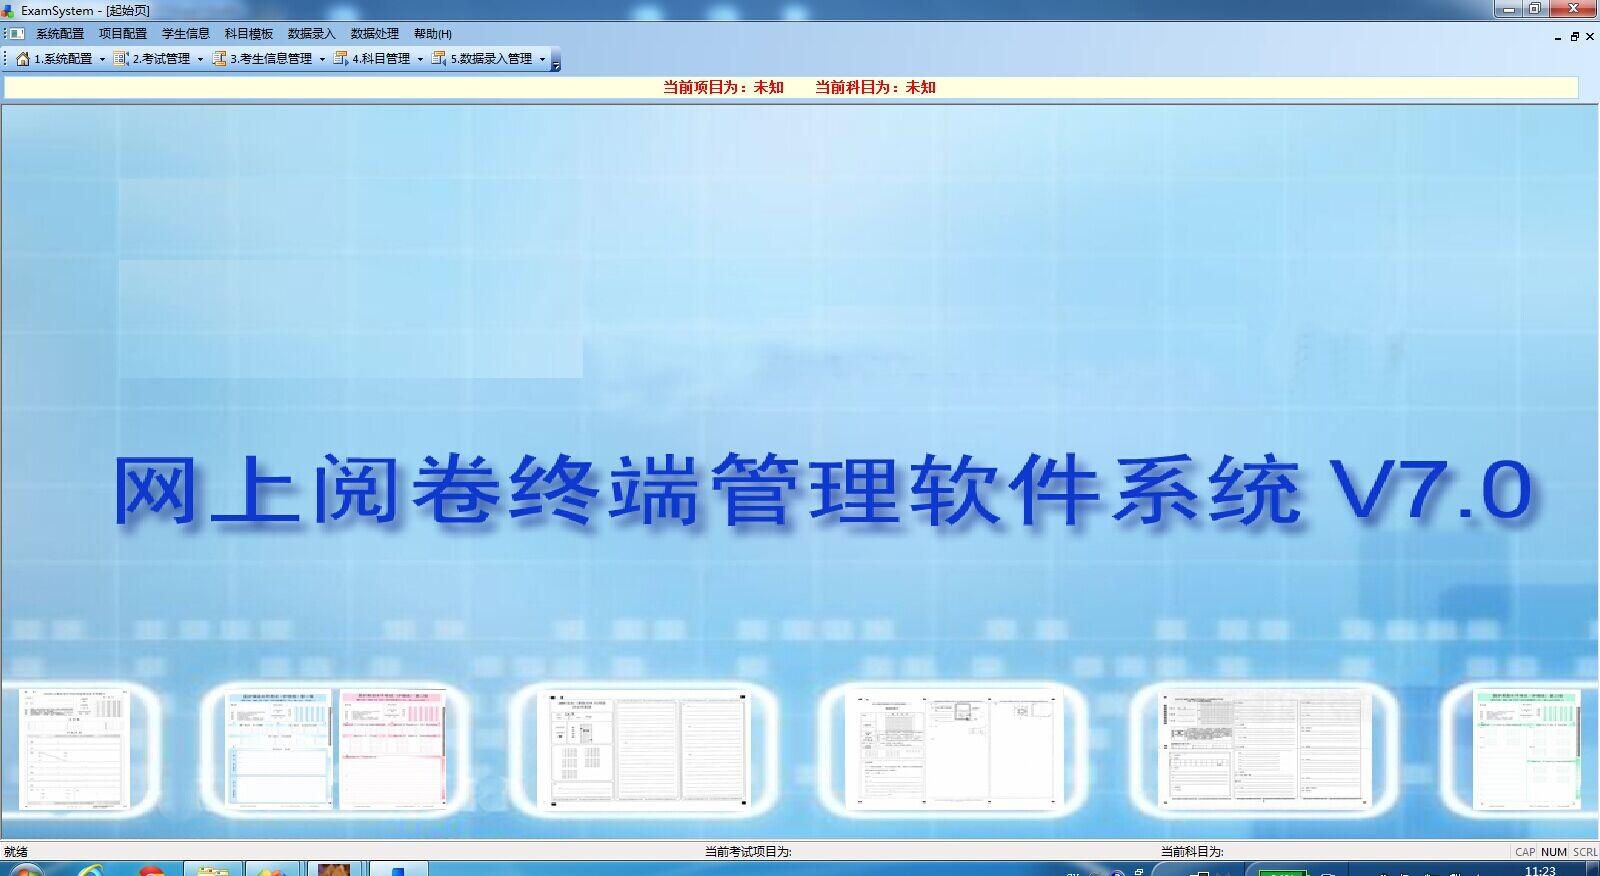 汉川市网上阅卷扫描机 超适合网上阅卷款式|产品动态-河北省南昊高新技术开发有限公司